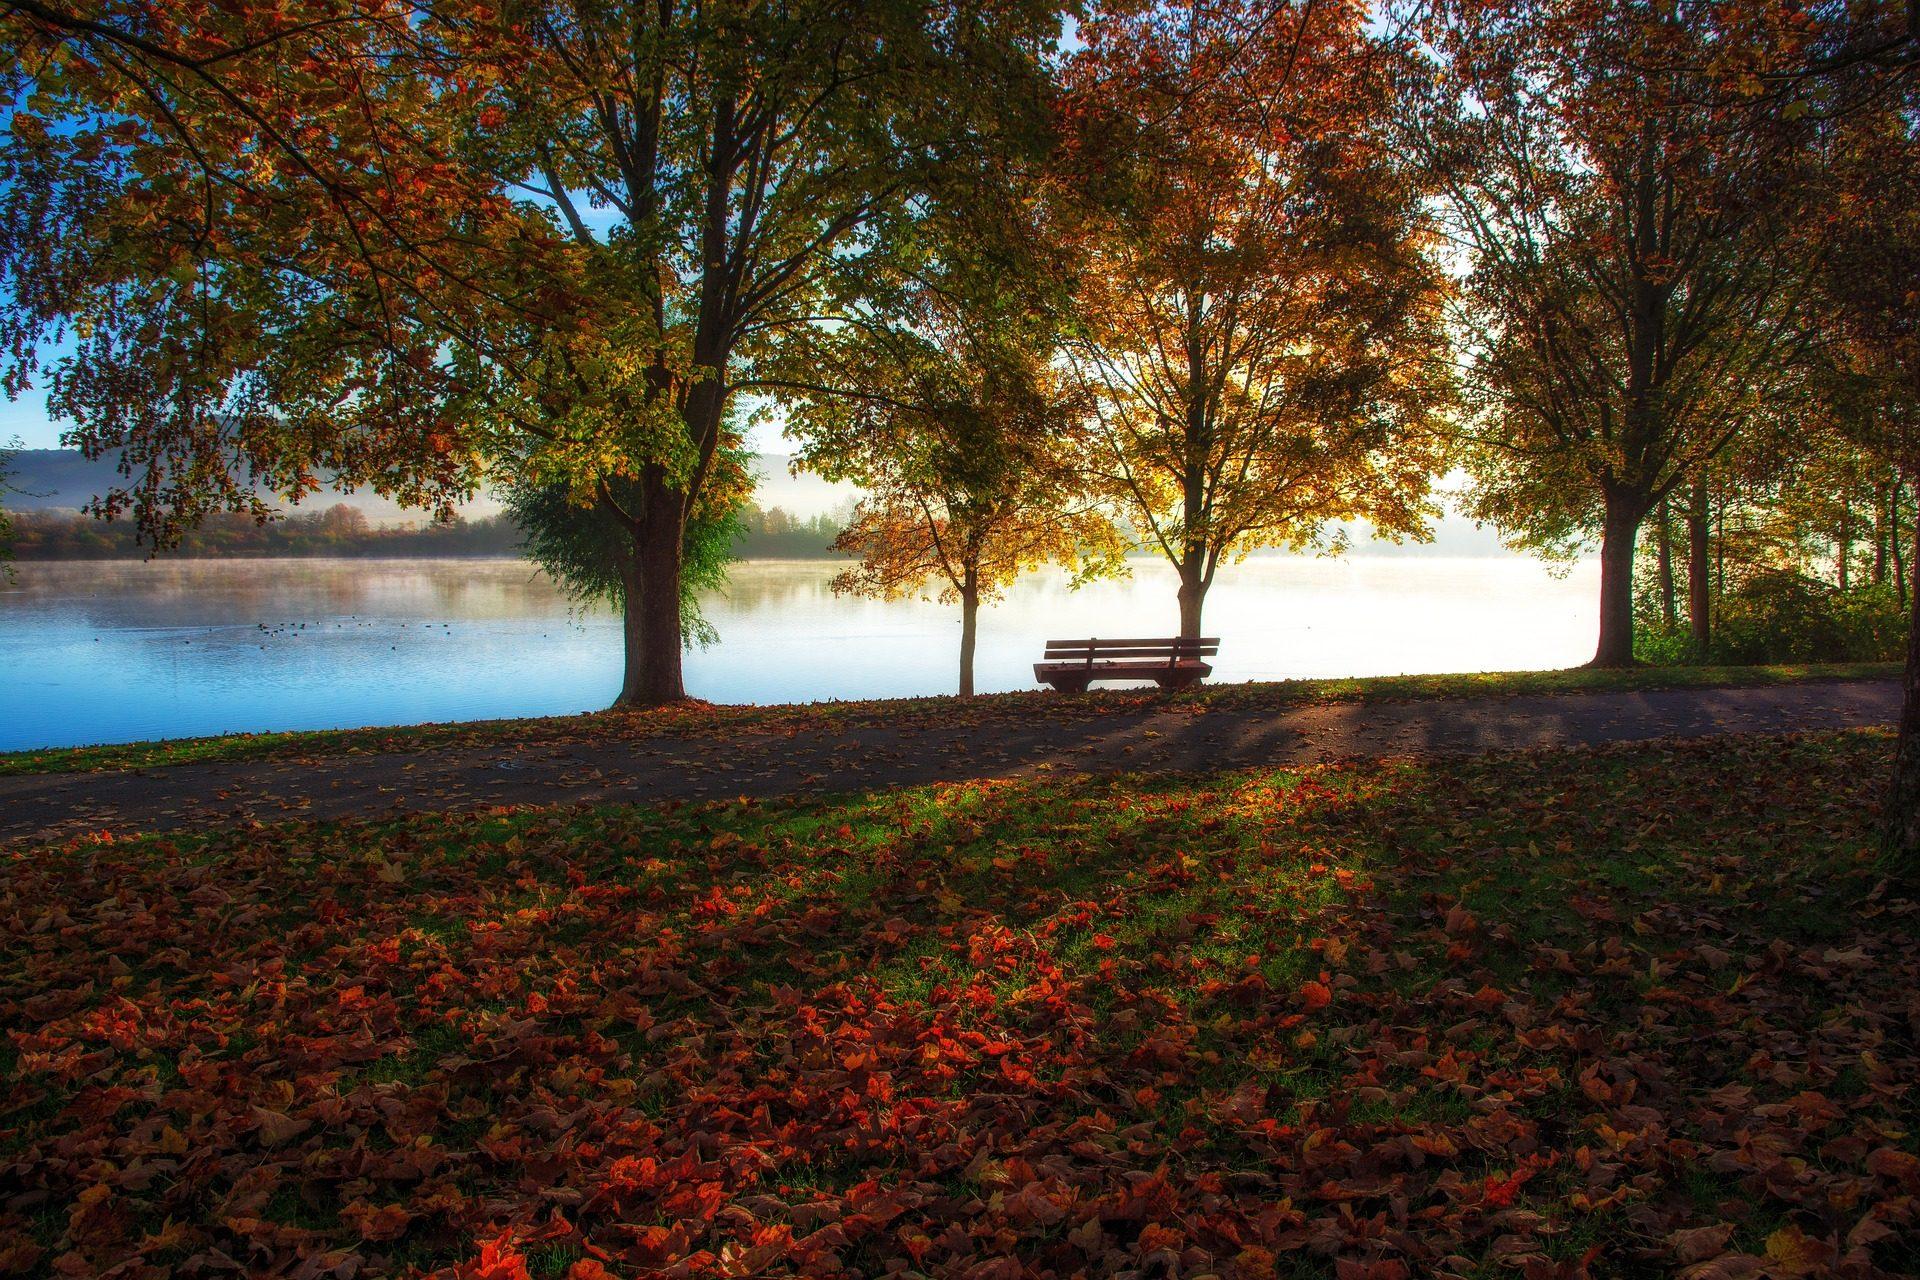 झील, पेड़, सीट, बैंक, पत्ते, शरद ऋतु - HD वॉलपेपर - प्रोफेसर-falken.com